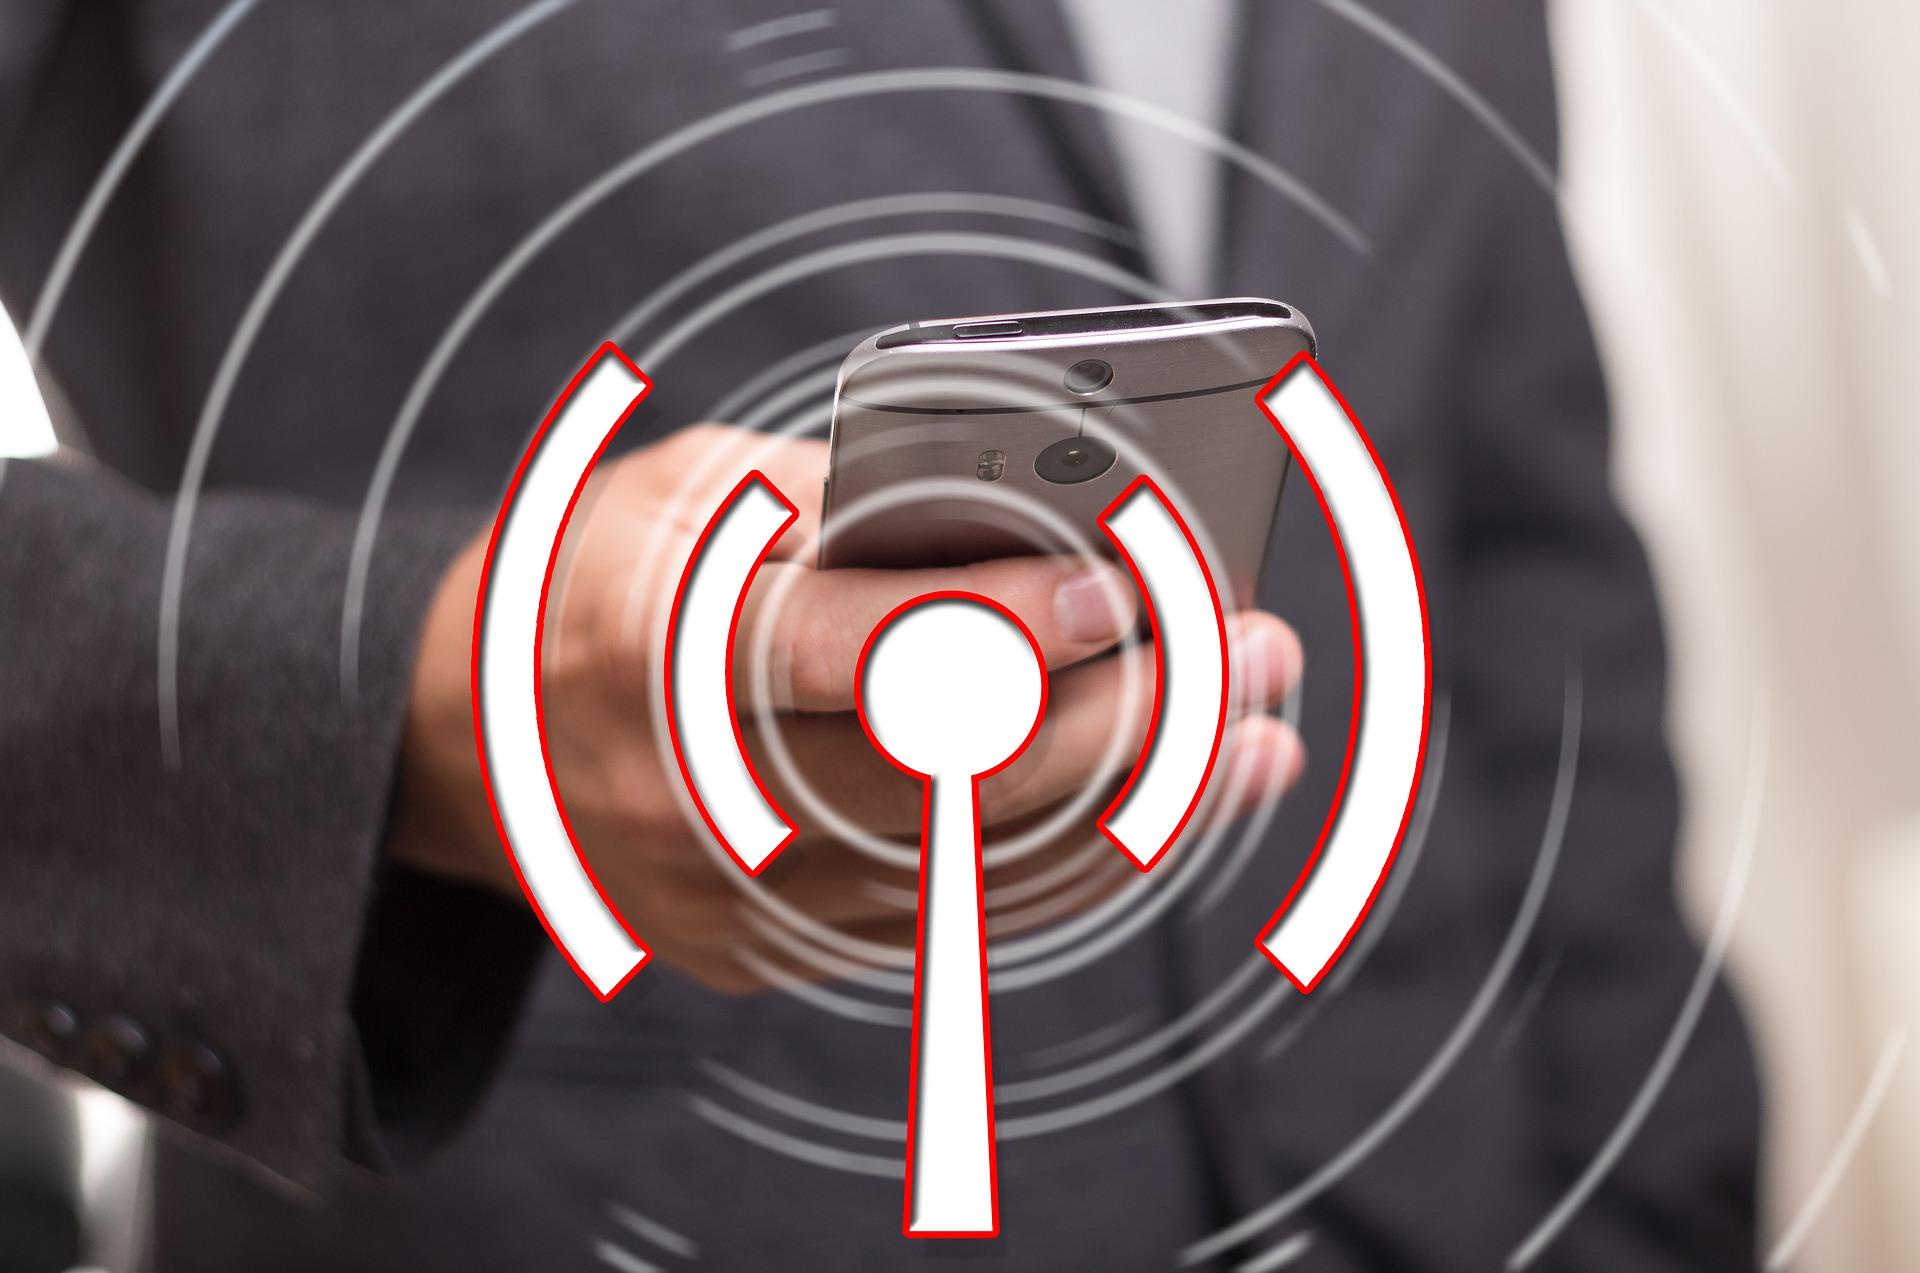 Vidéoprojecteur Wifi : quels sont les meilleurs modèles de 2021 ?